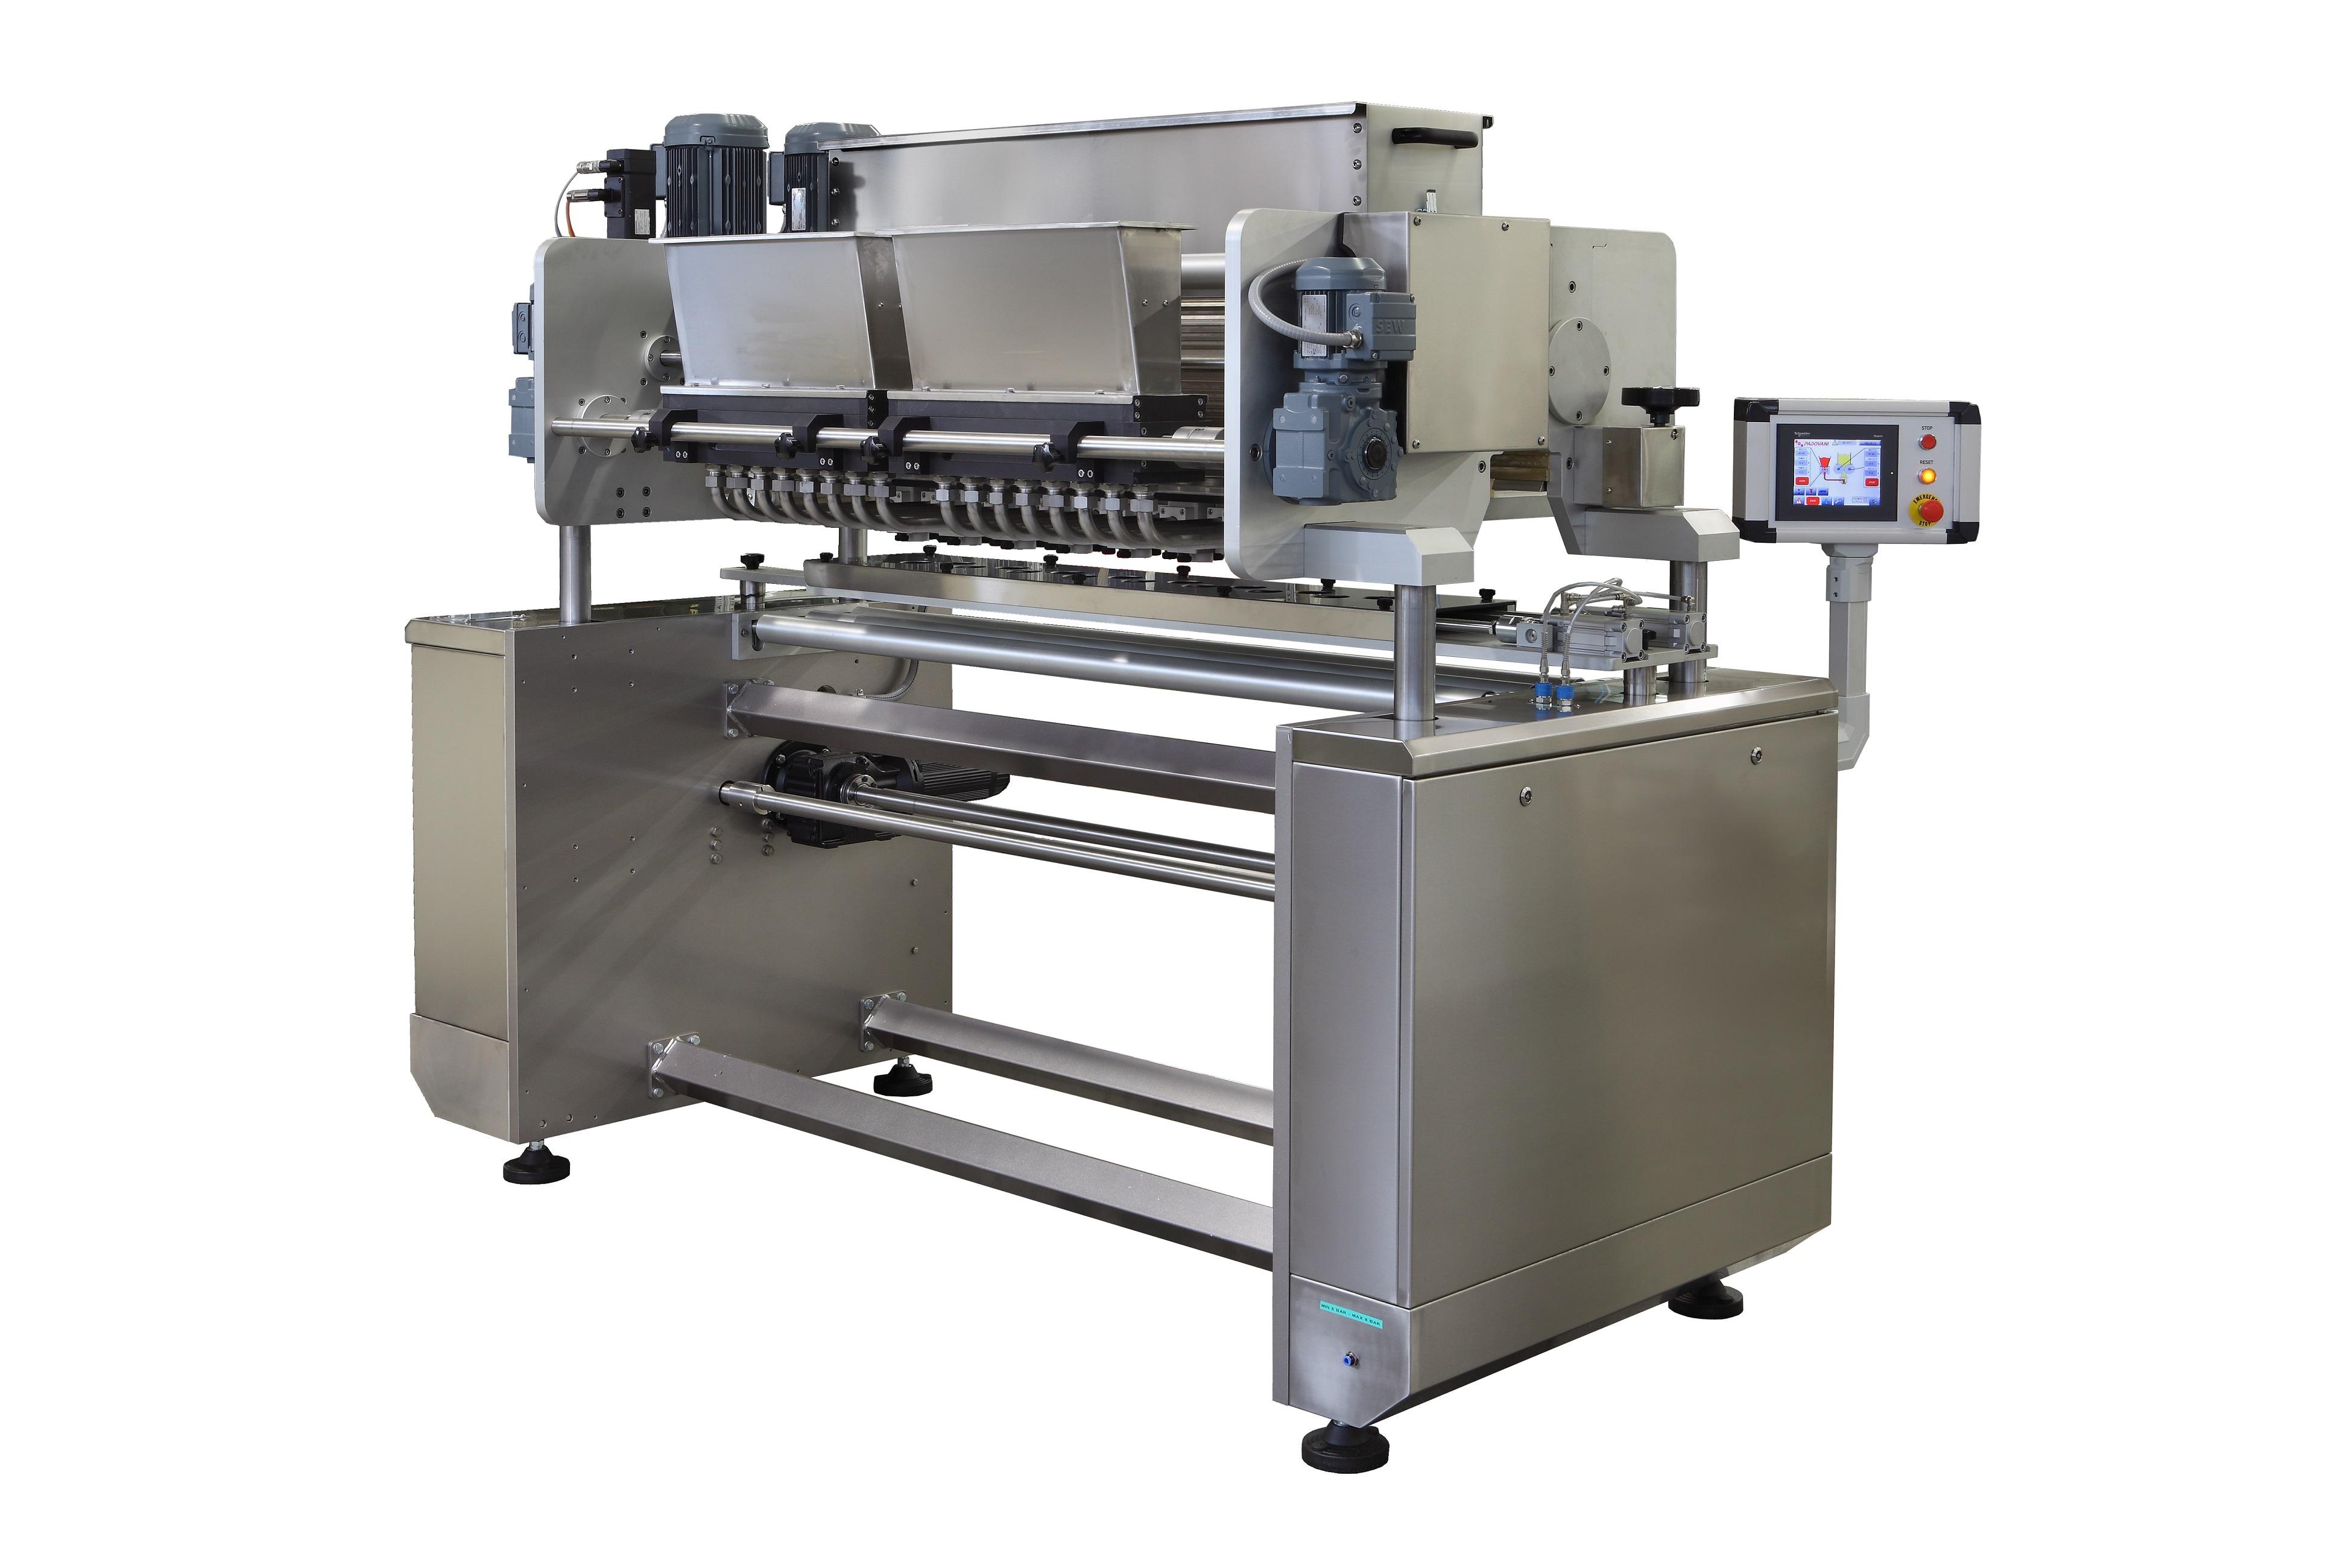 оборудование для пекарни и кондитерской